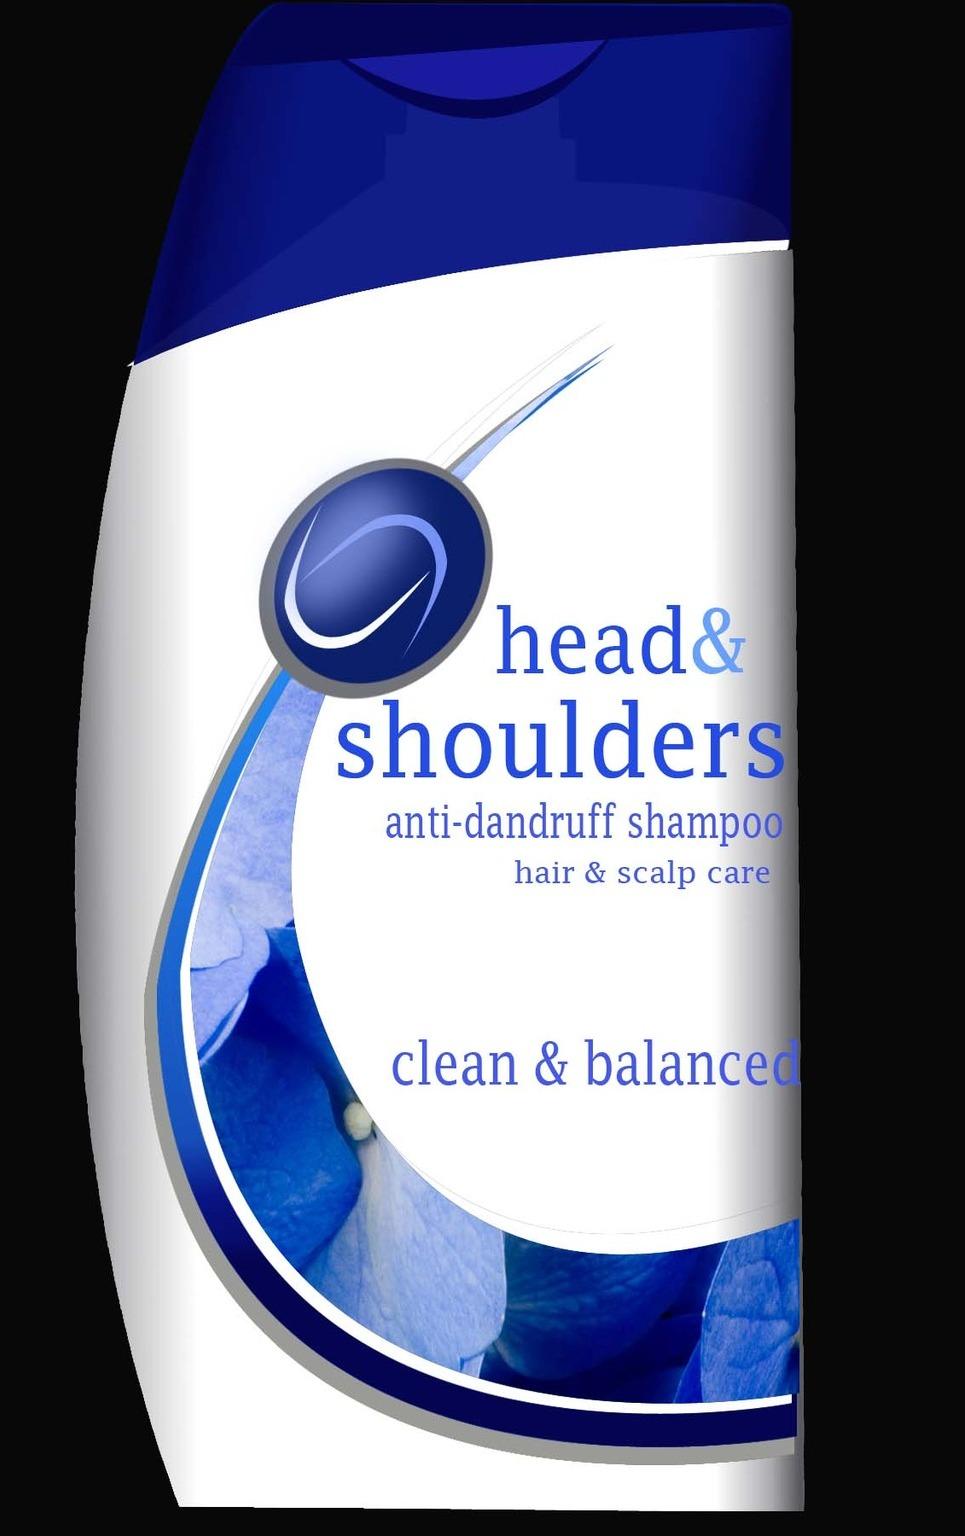 Head shoulders shampoo 25 42008 show